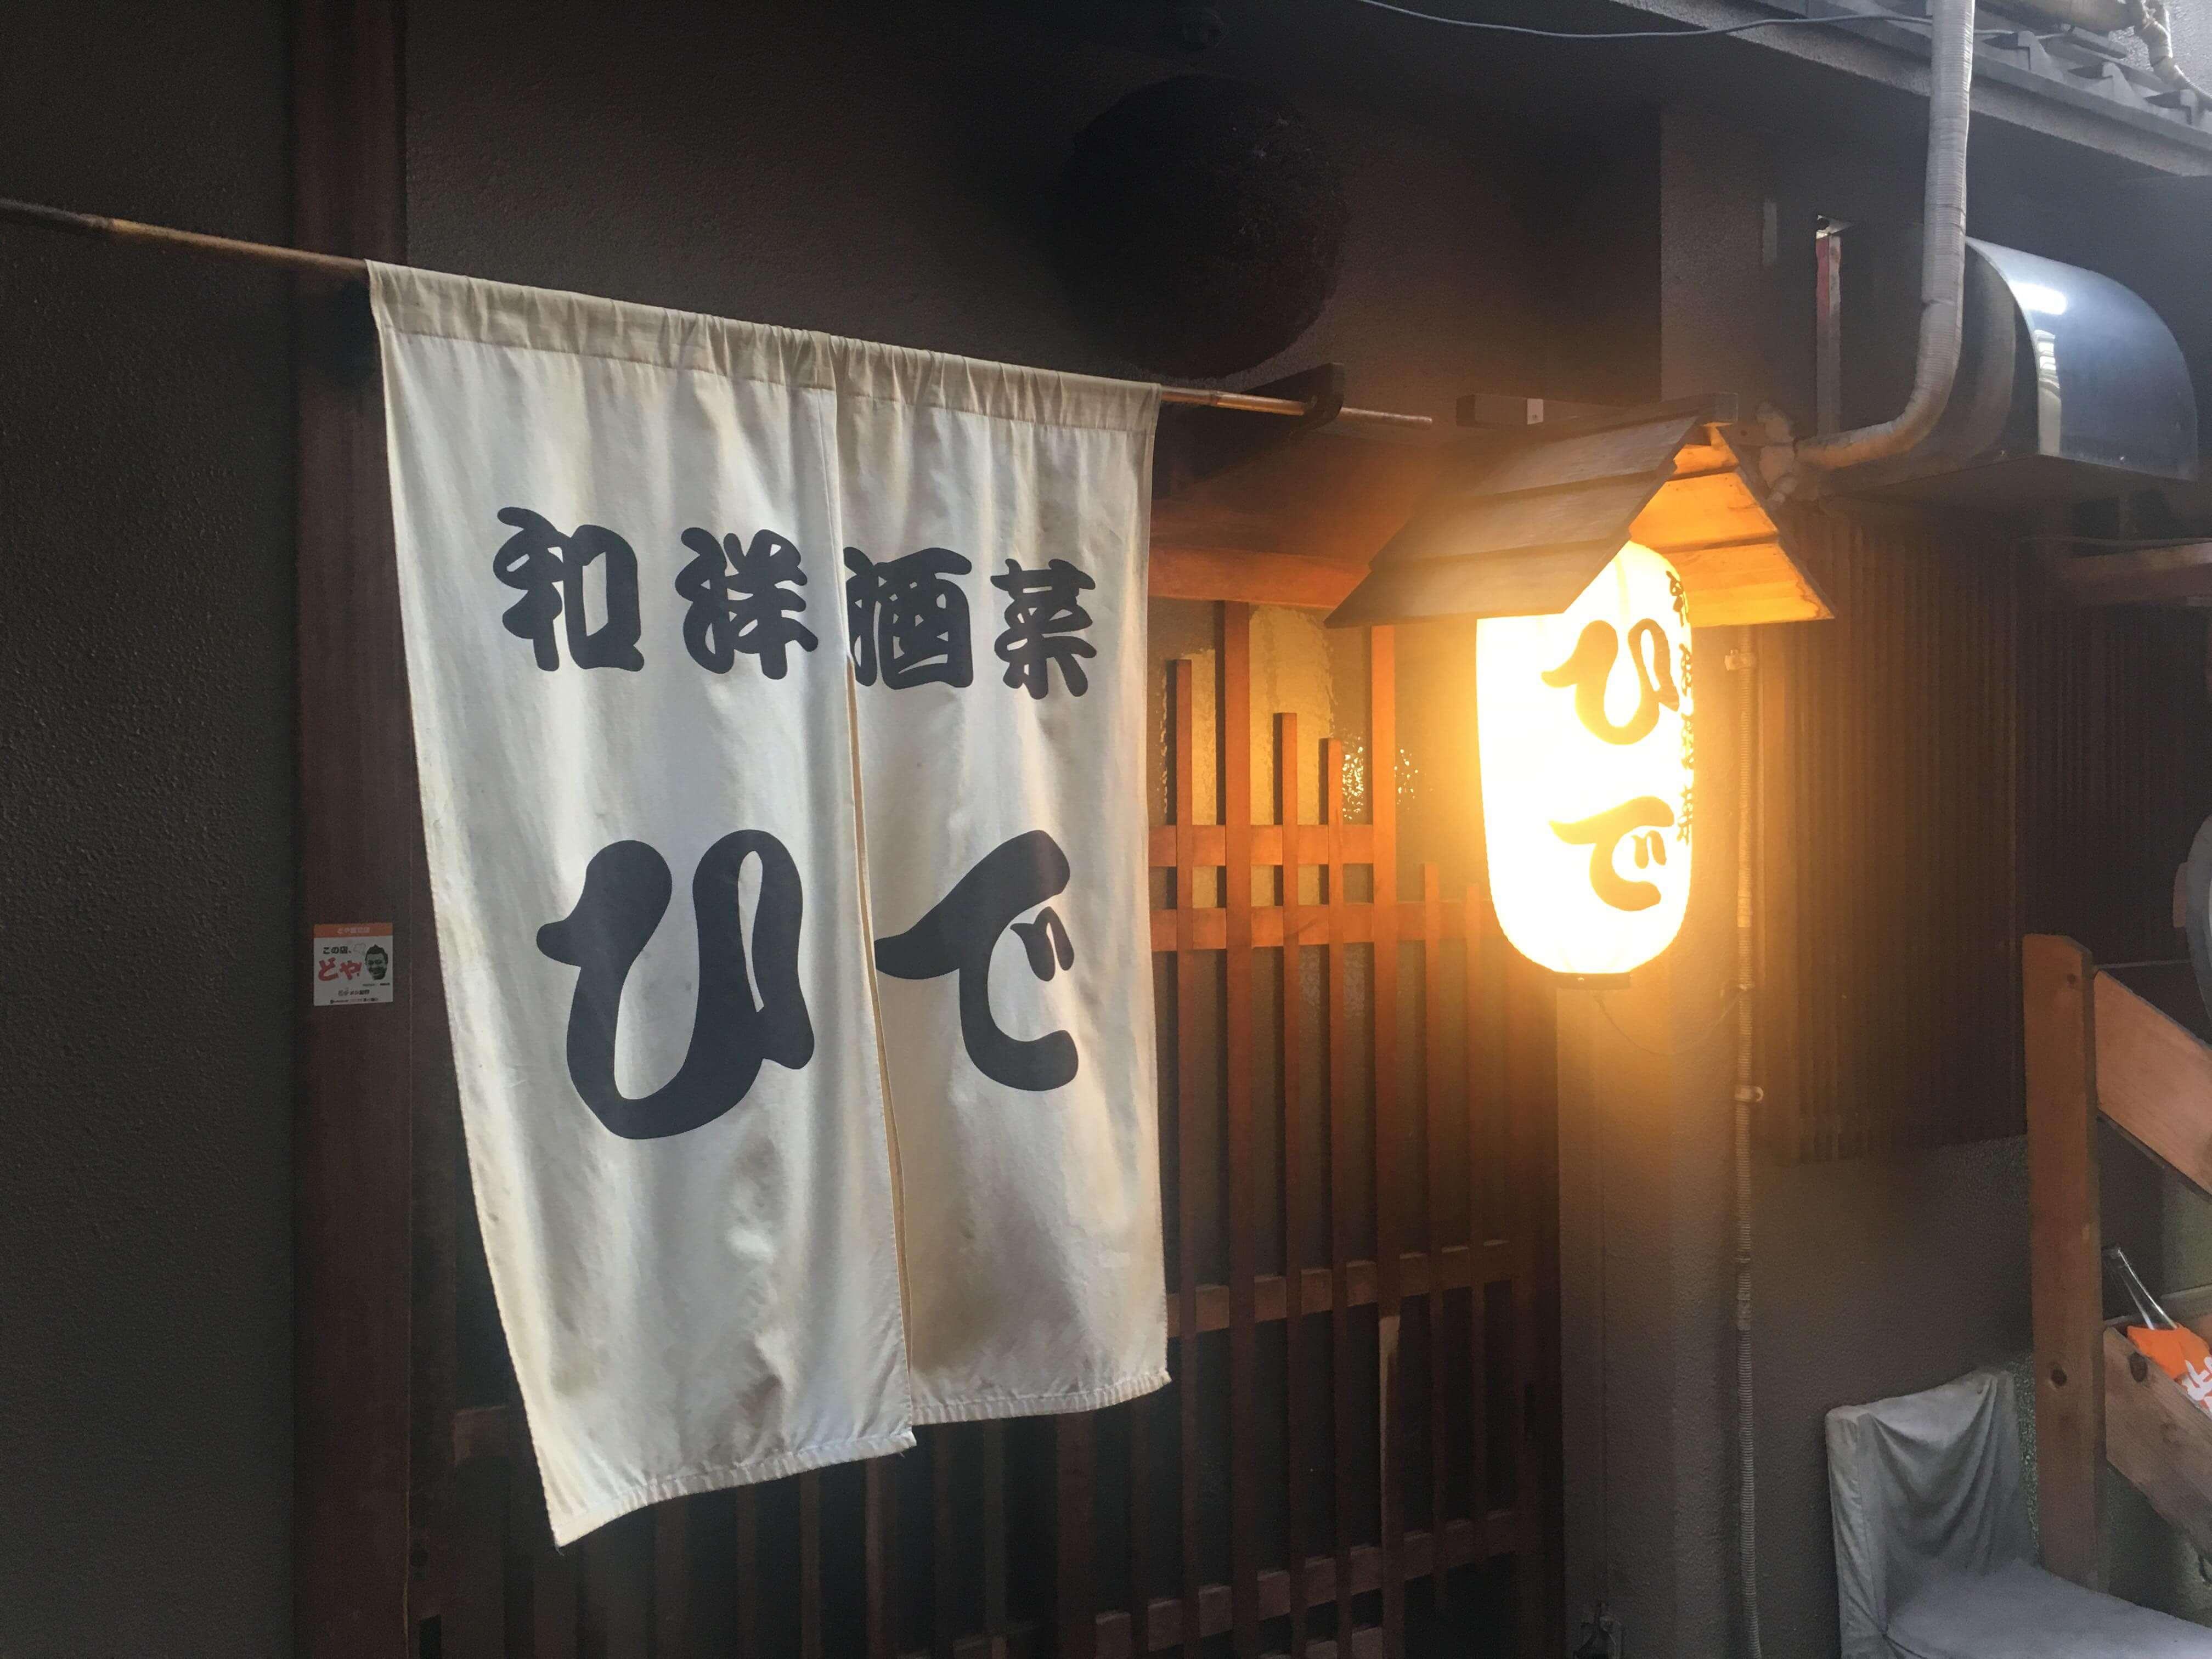 和洋酒菜 ひでの1枚目のカバー写真